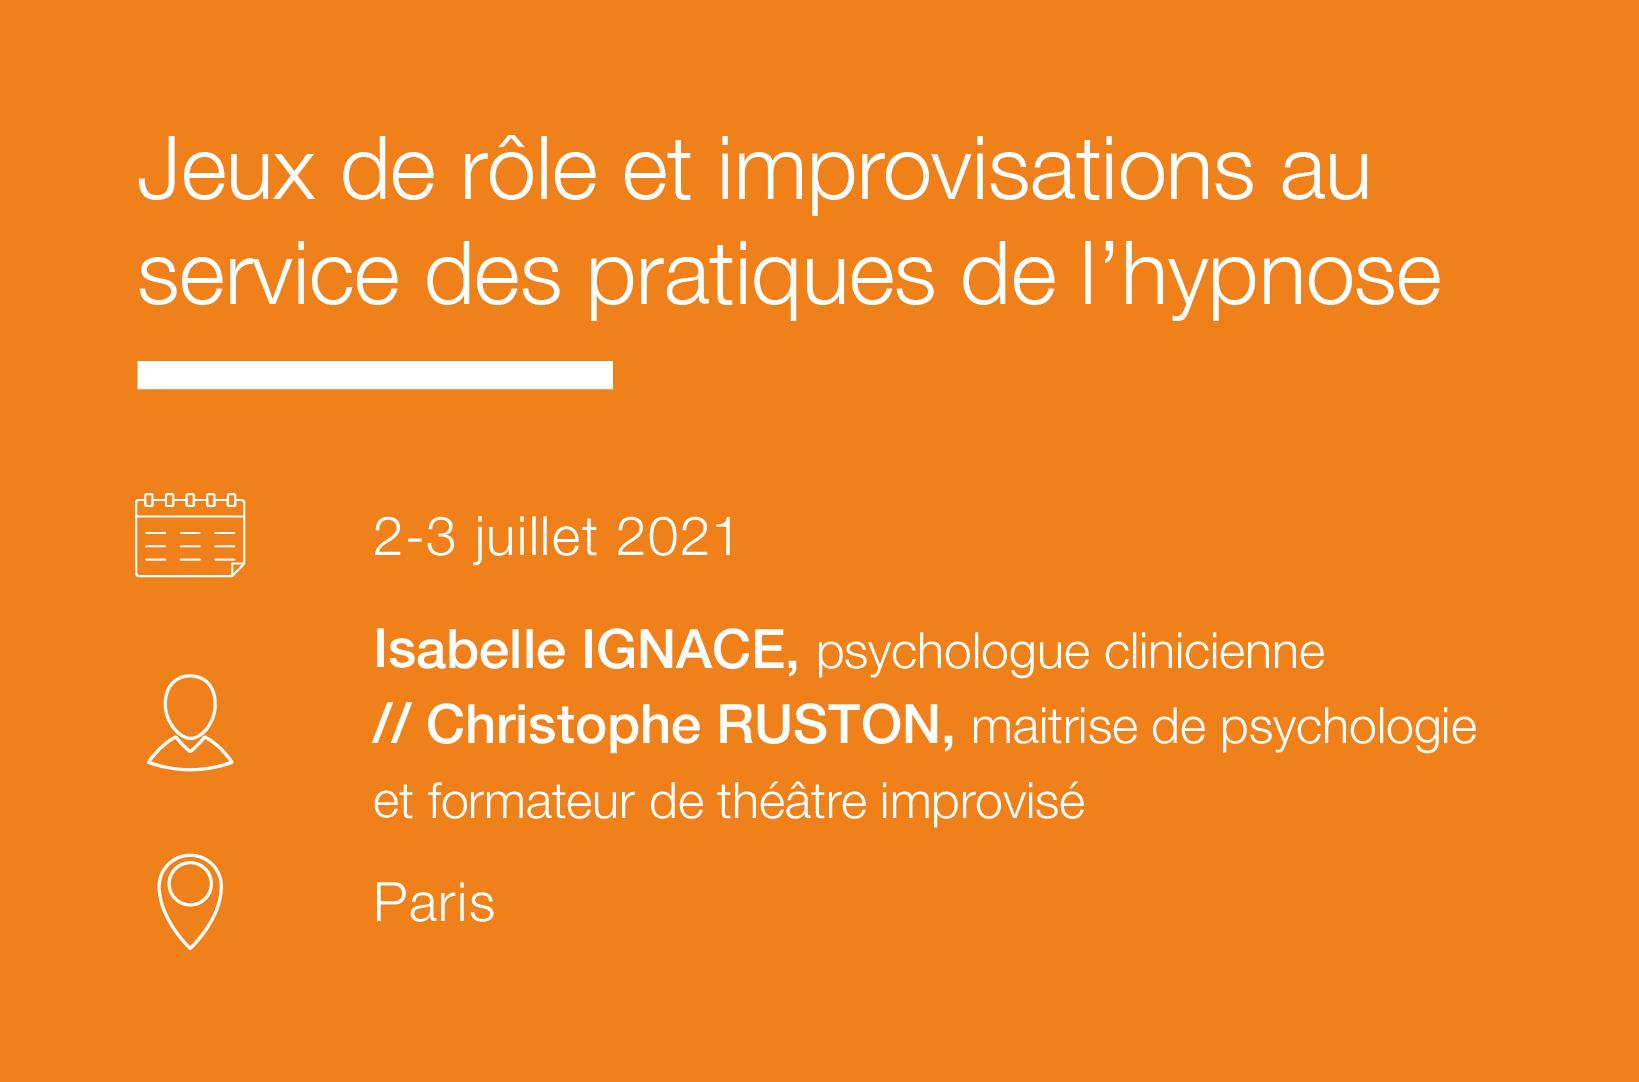 Seminaire Jeux de role et improvisations au service des pratiques de l hypnose IFH